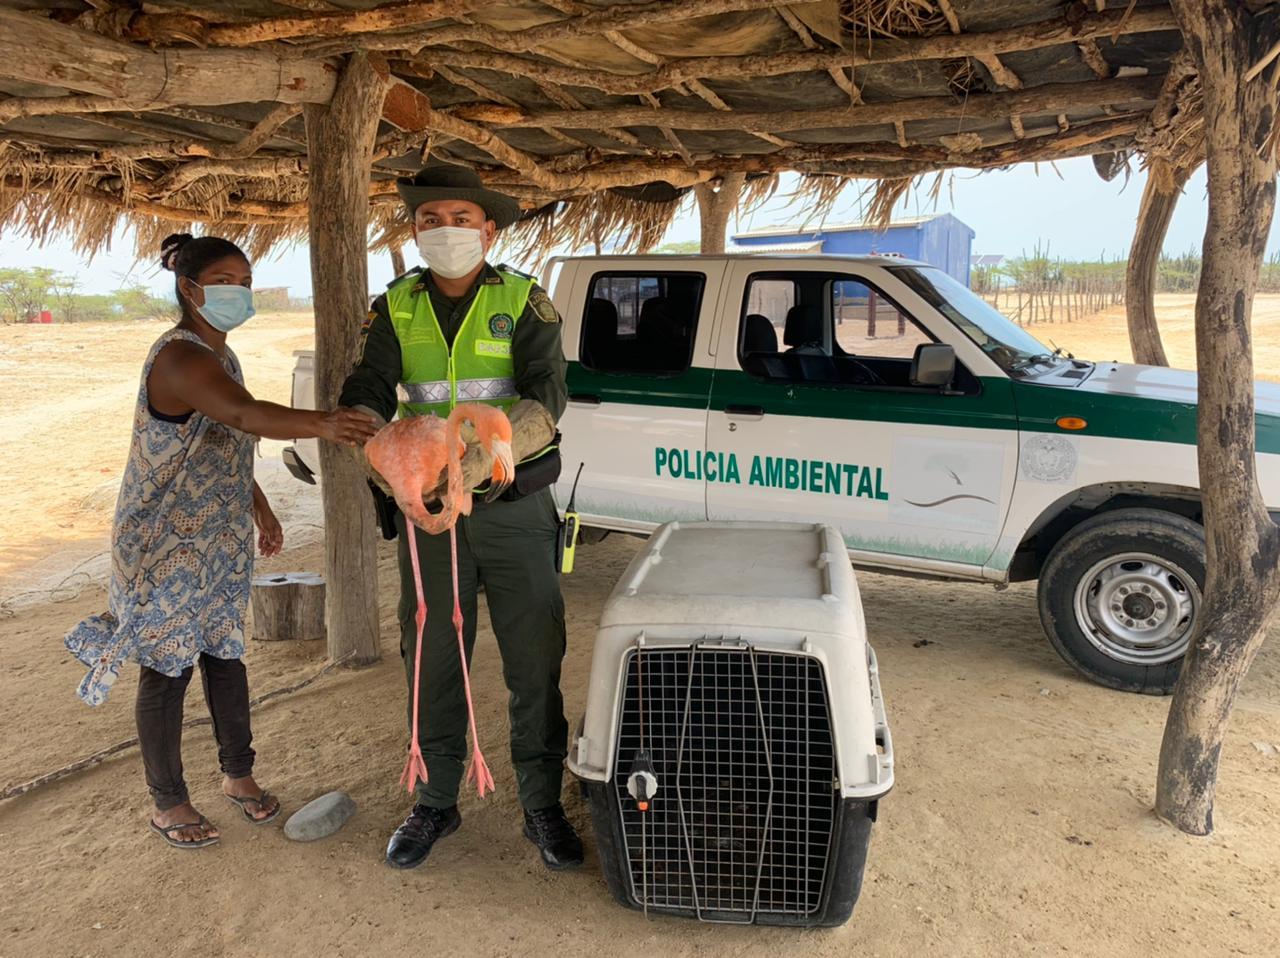 hoyennoticia.com, Flamenco Rosado es entregado por una comunidad indígena a las autoridades